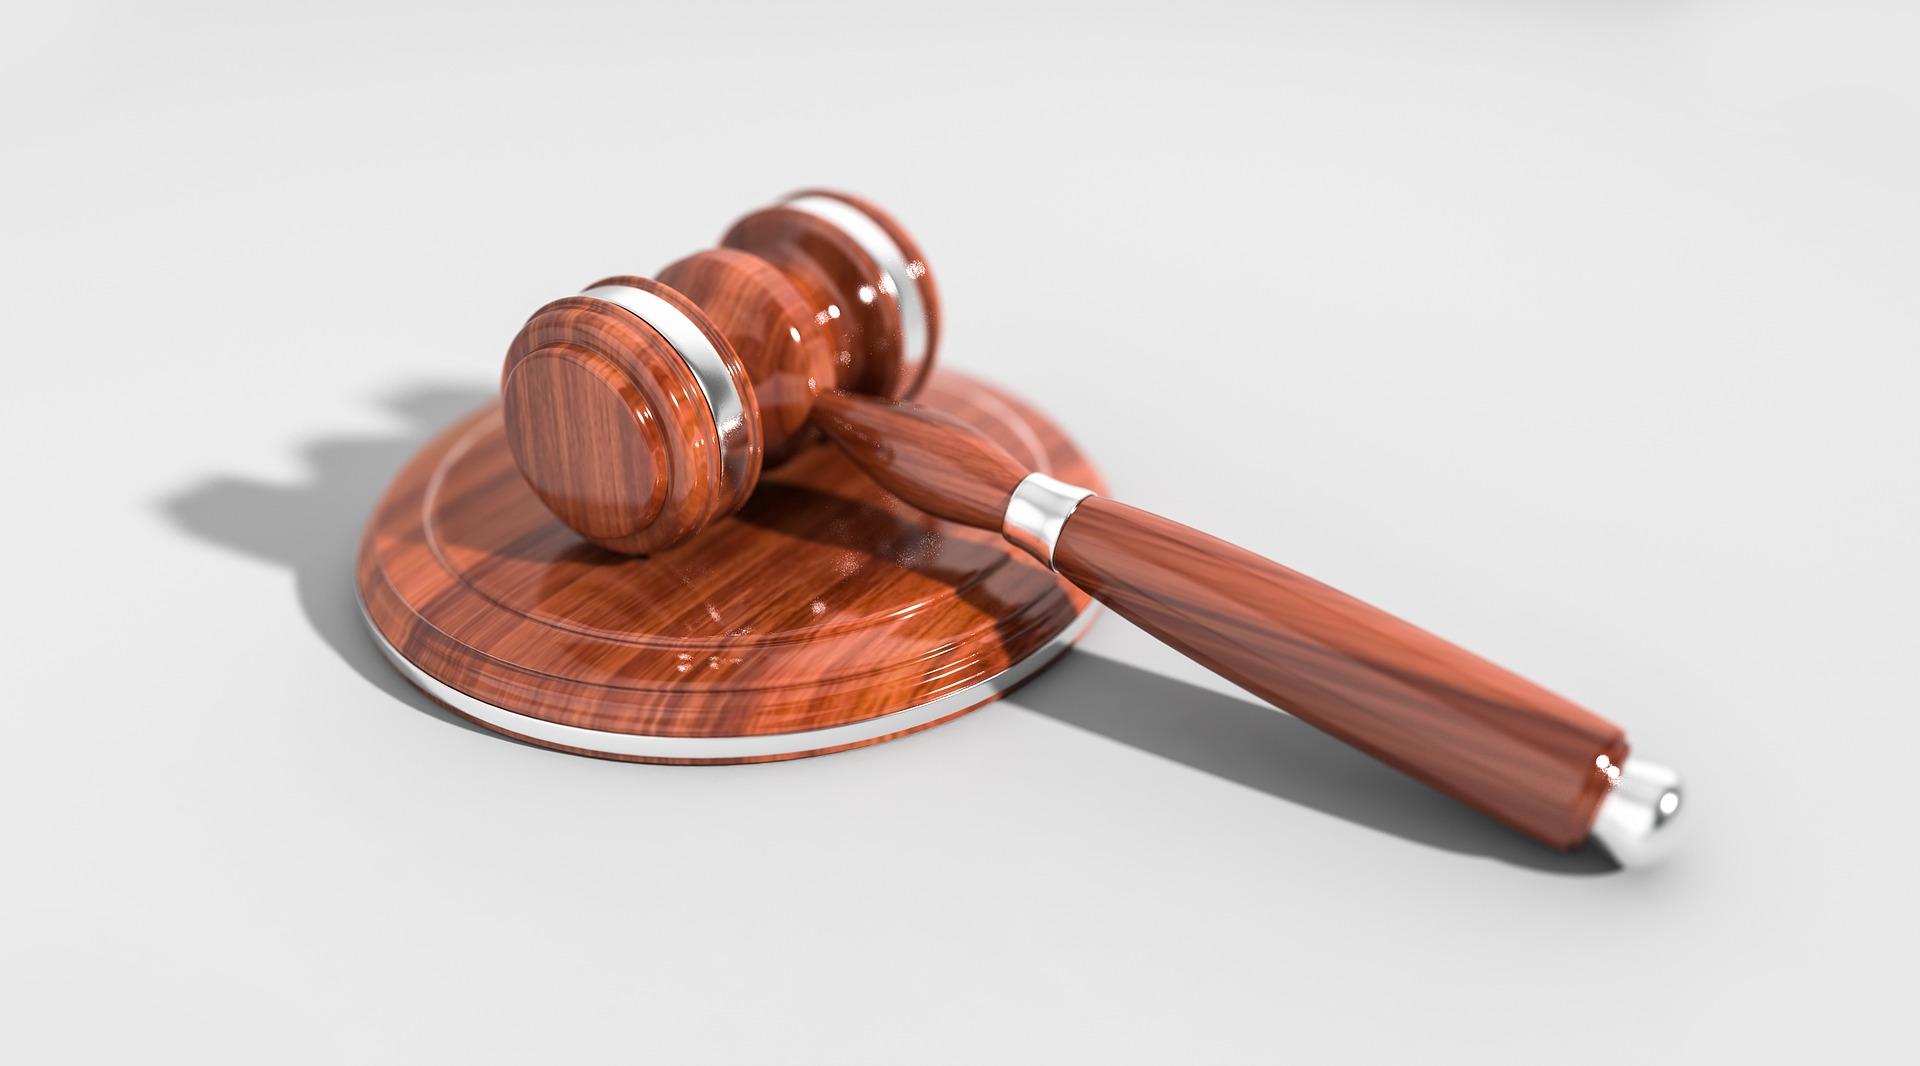 석면안전관리법 및 하위법령